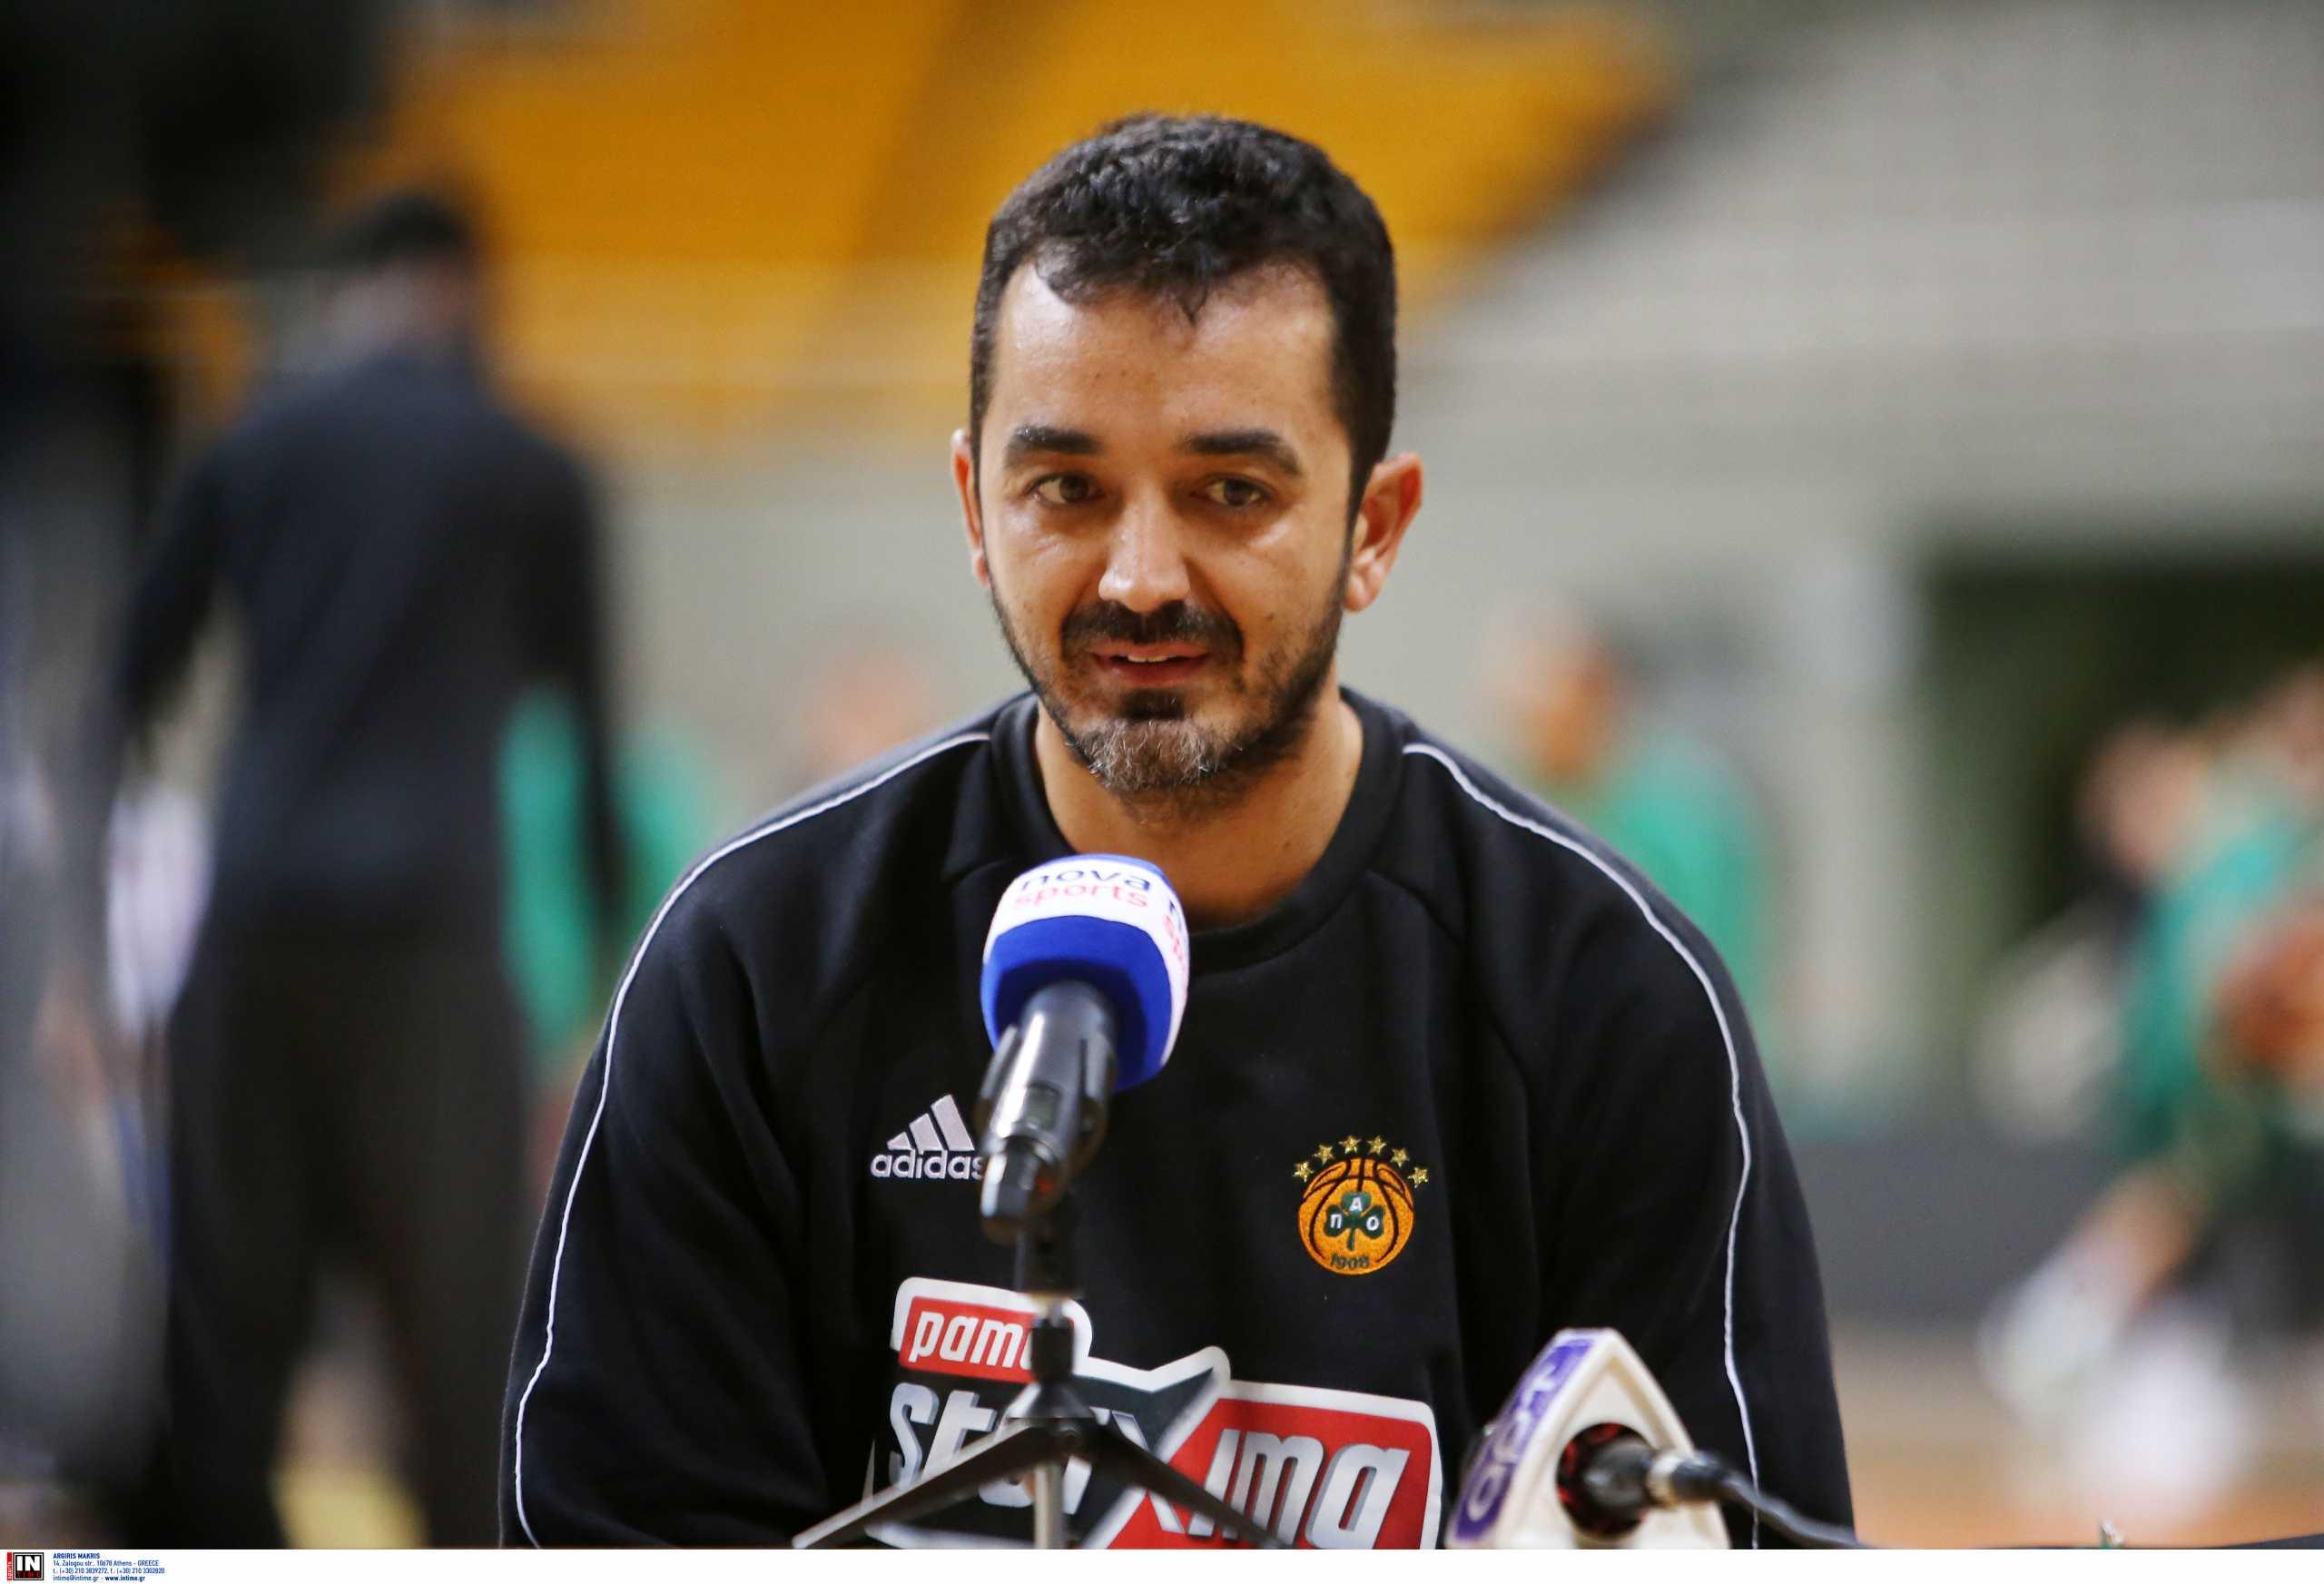 Παναθηναϊκός – Βόβορας: ««Το παιχνίδι με την Άλμπα θα δείξει την νοοτροπία της ομάδας»